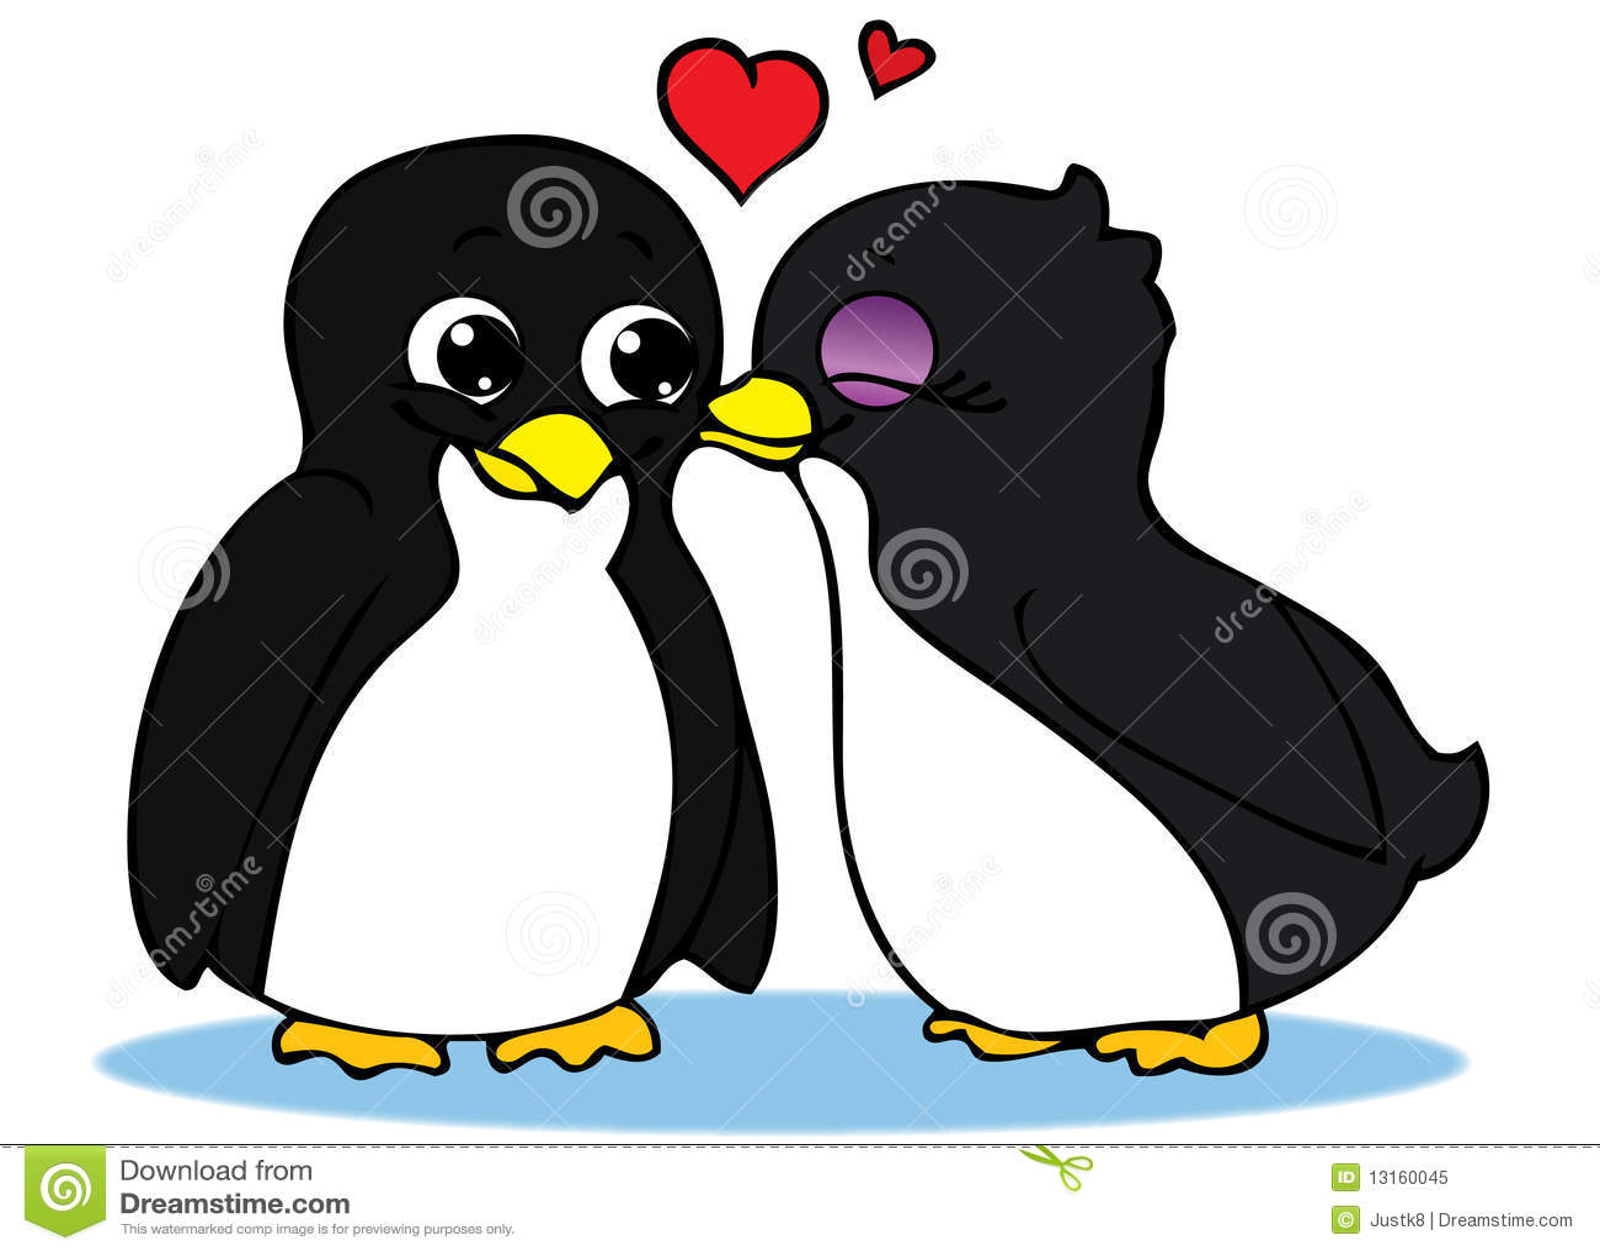 Pinguini nell'amore illustrazione di stock Illustrazione